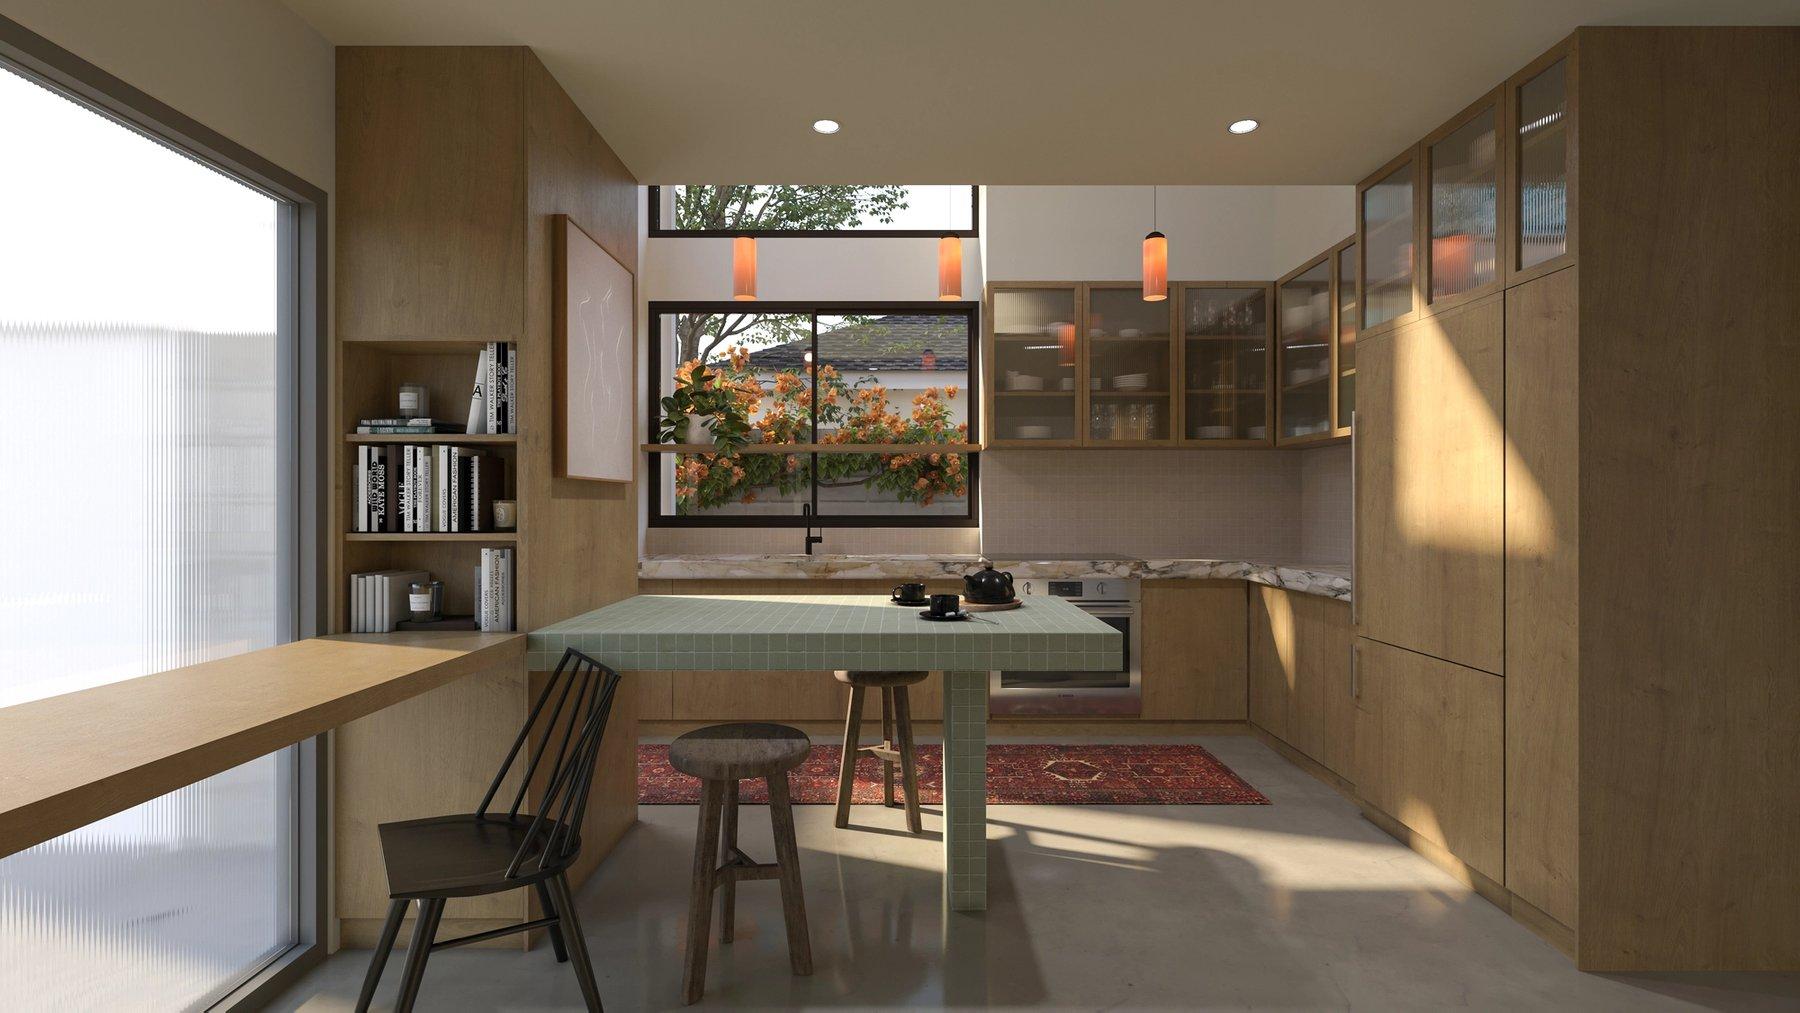 Efficient ADU Kitchen